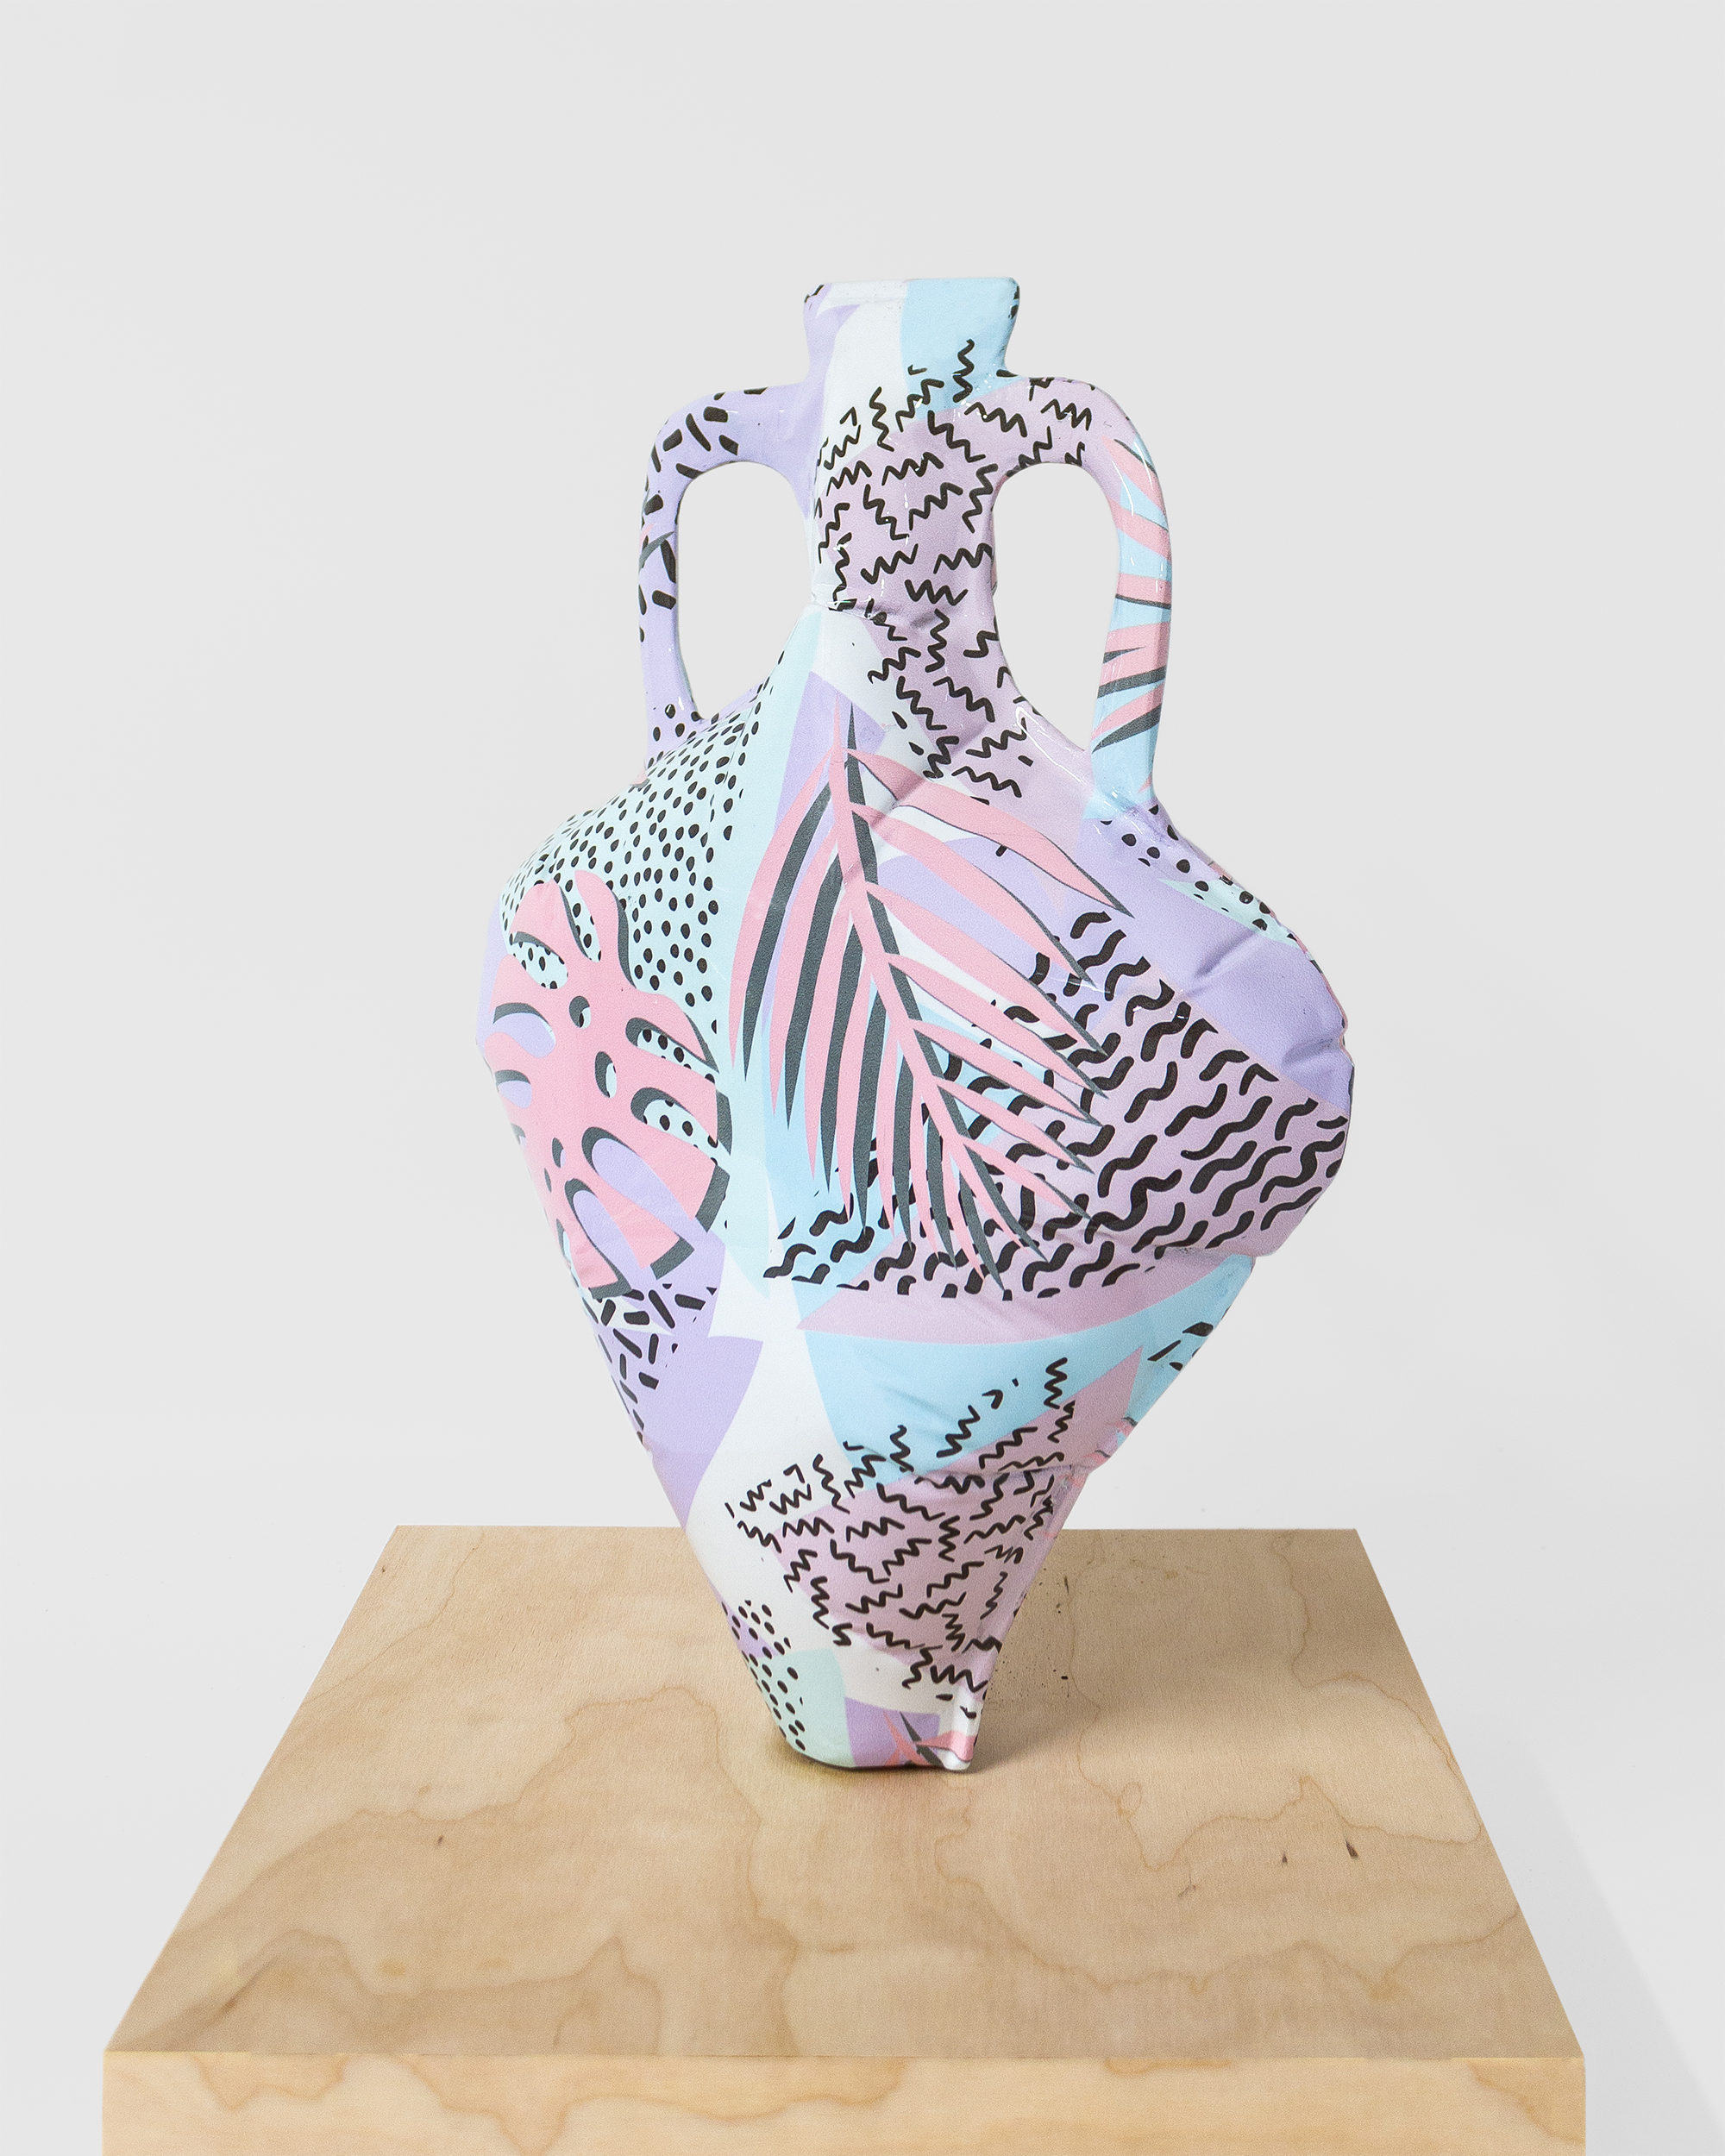 AdamParkerSmith_Sculpture_1_Side_4.jpg